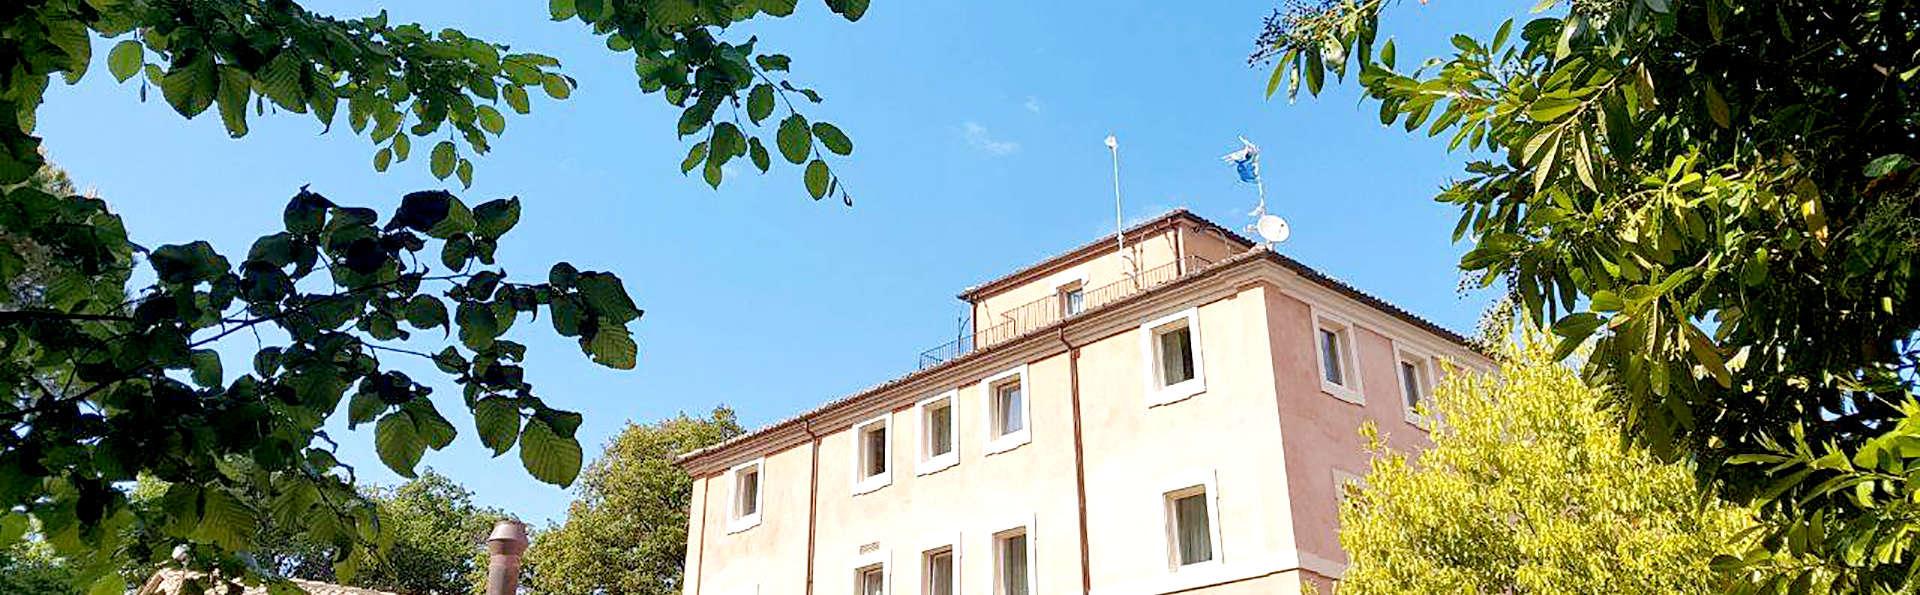 Week-end dans une villa 5* de rêve à deux pas de Fermo